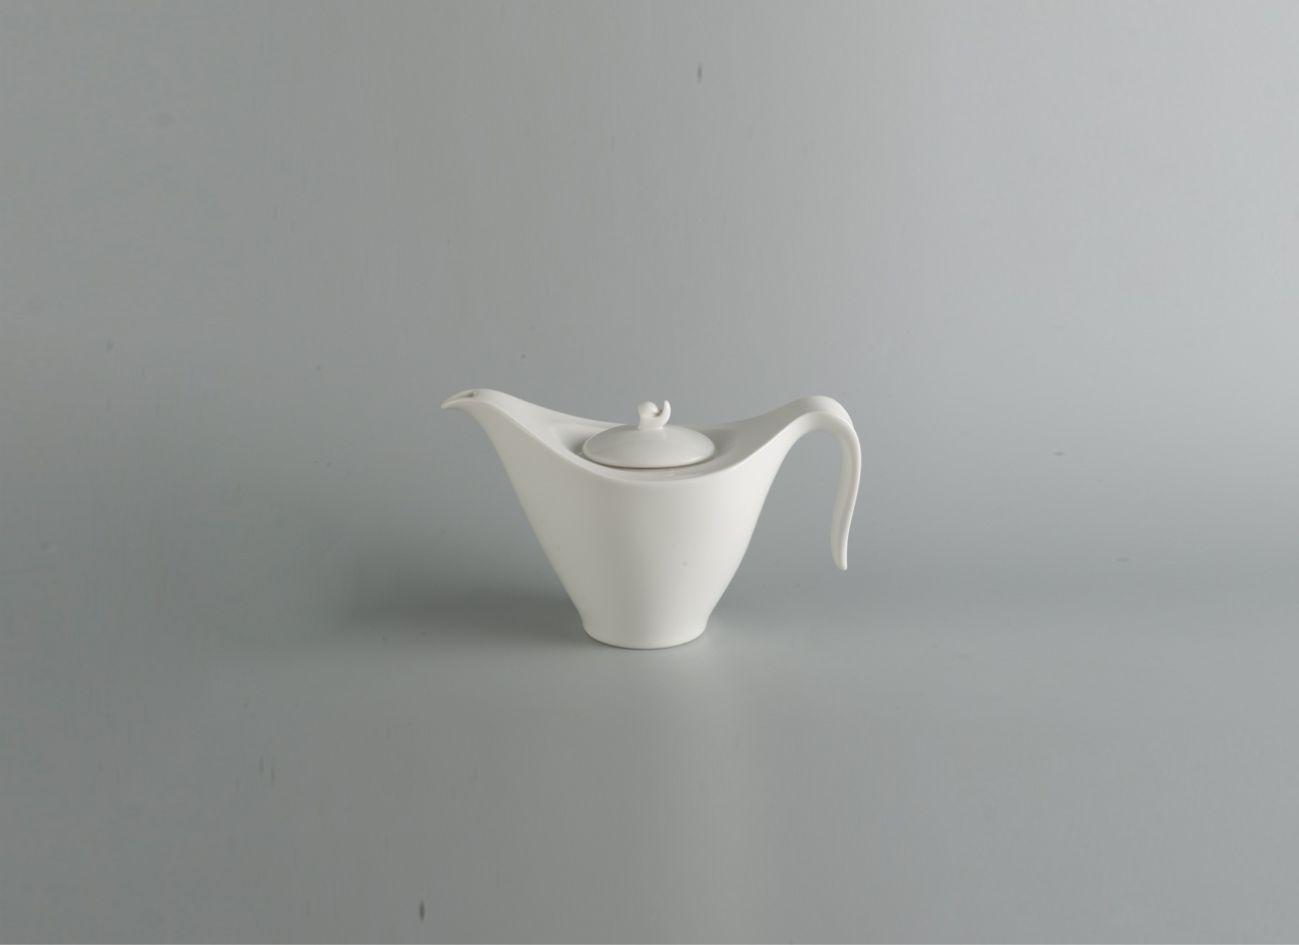 Bình cà phê 0.42L + nắp Anh Vũ Lys Trắng Ngà 014279000